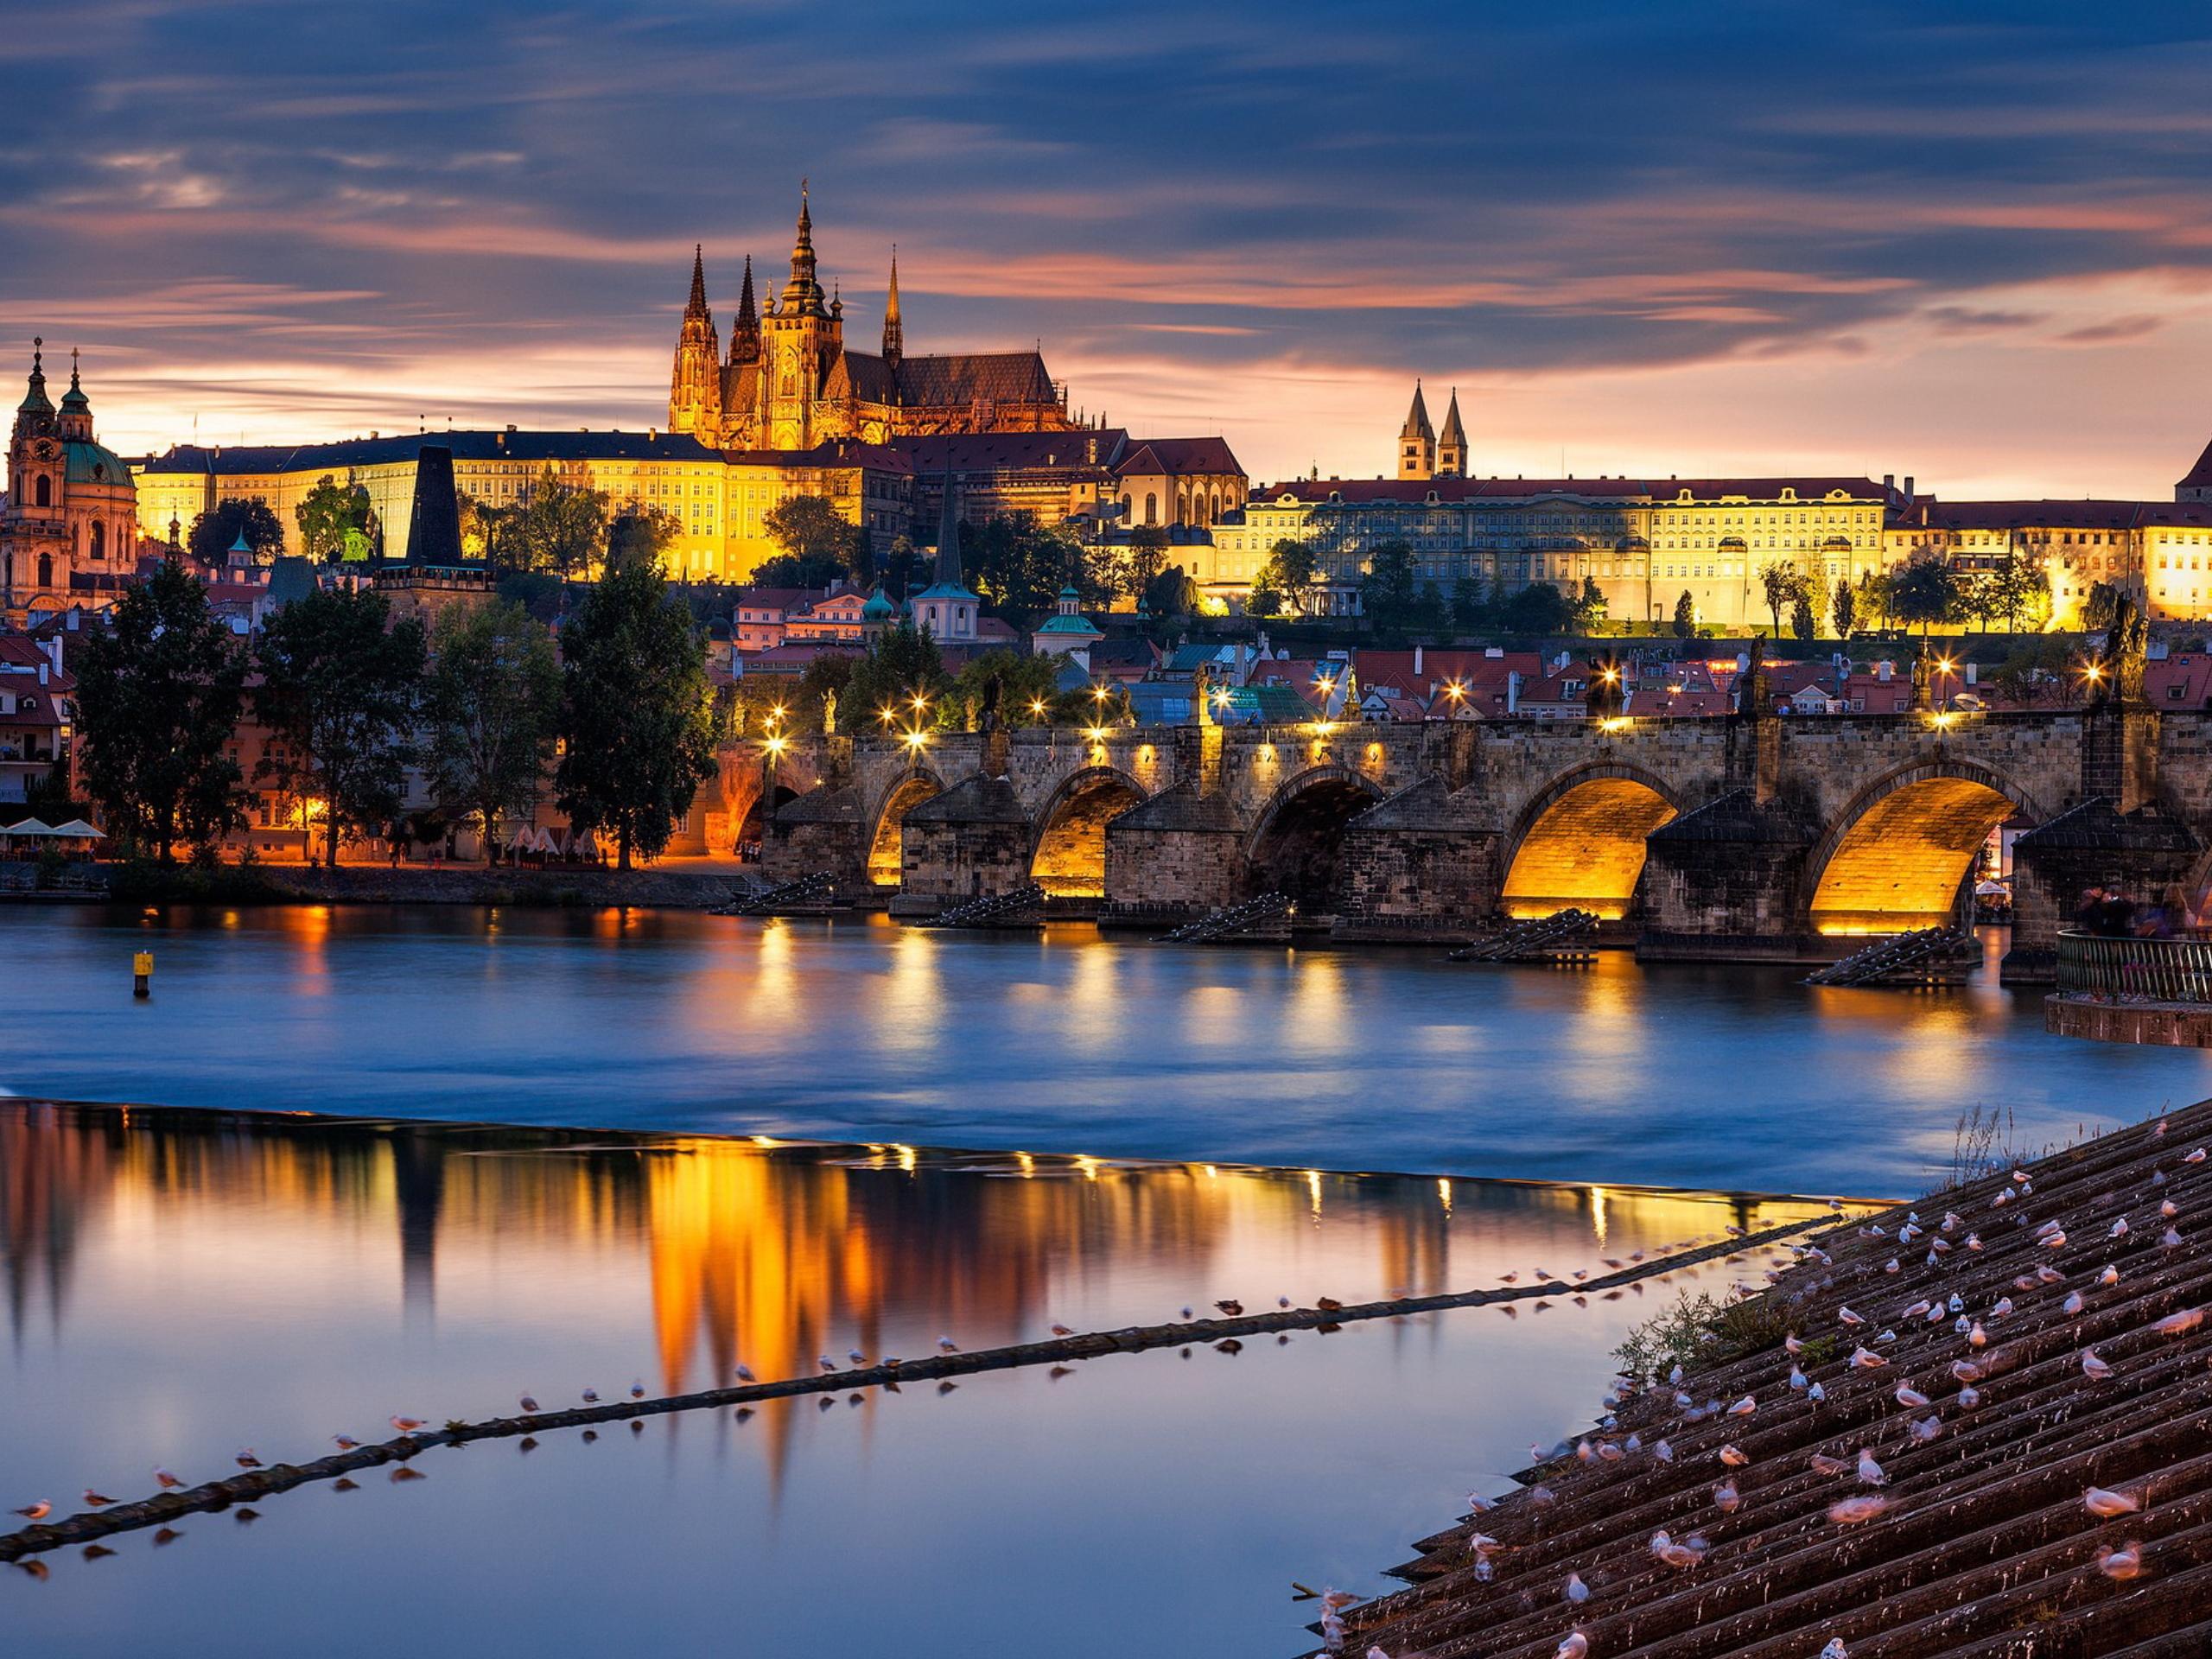 Обои чехия, praga, czech republic, панораманый, красивый. Города foto 7